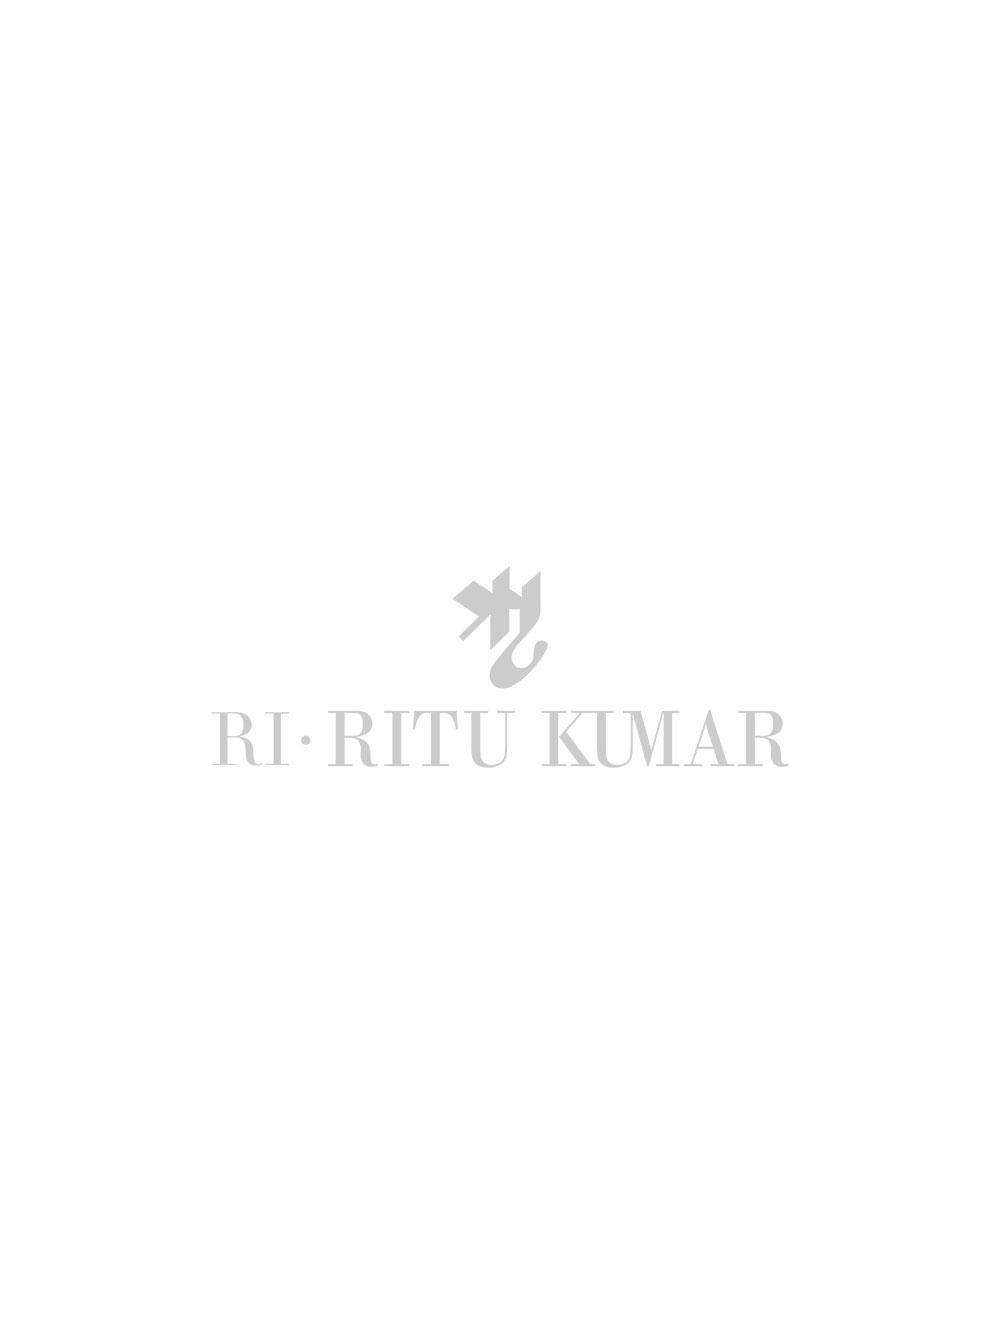 Ivory Embroidered Jacket With Kurta